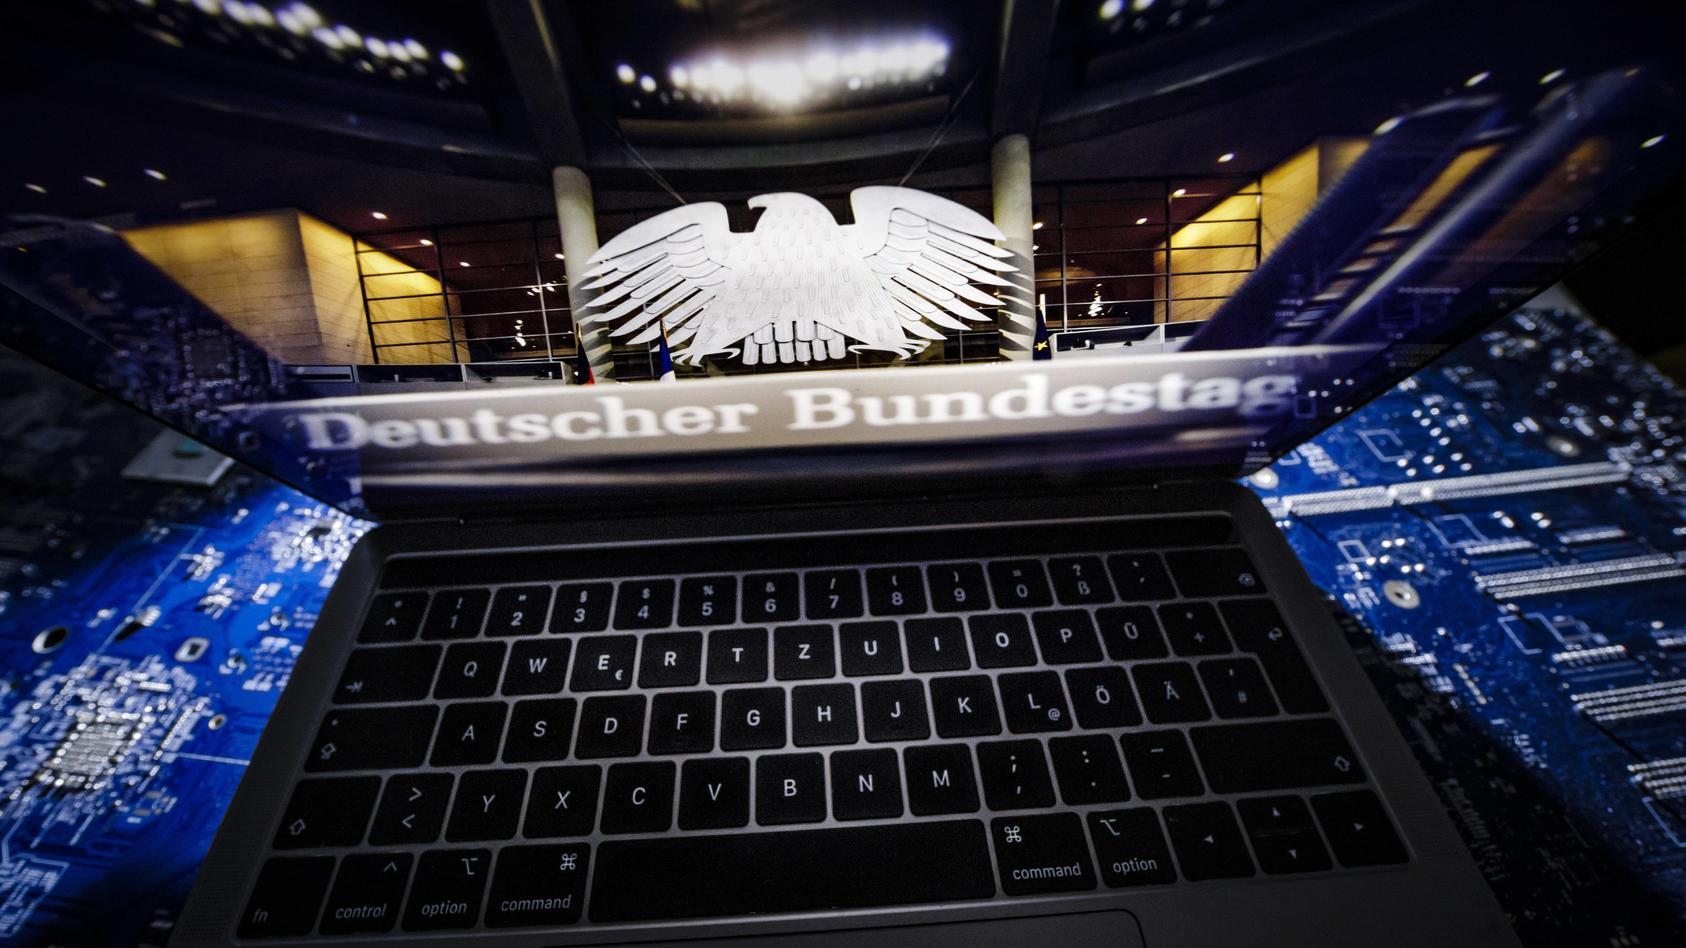 Symbolfoto zum Thema Hackerangriff auf den Bundestag Ein Laptop auf dessen Bildschirm ein Foto a